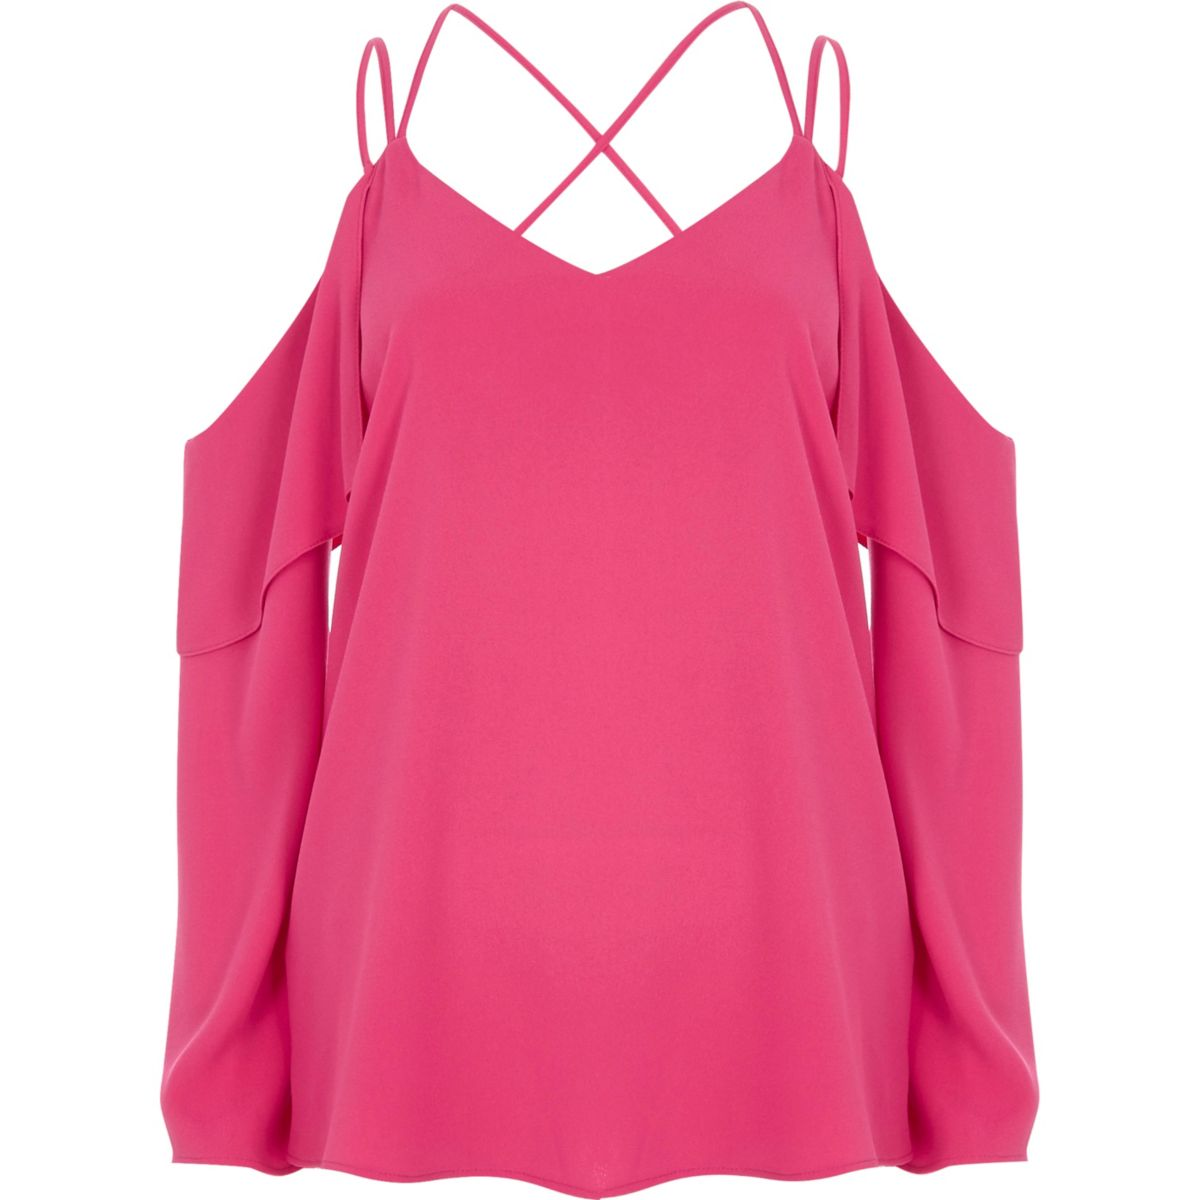 Pink cold shoulder cross neck top